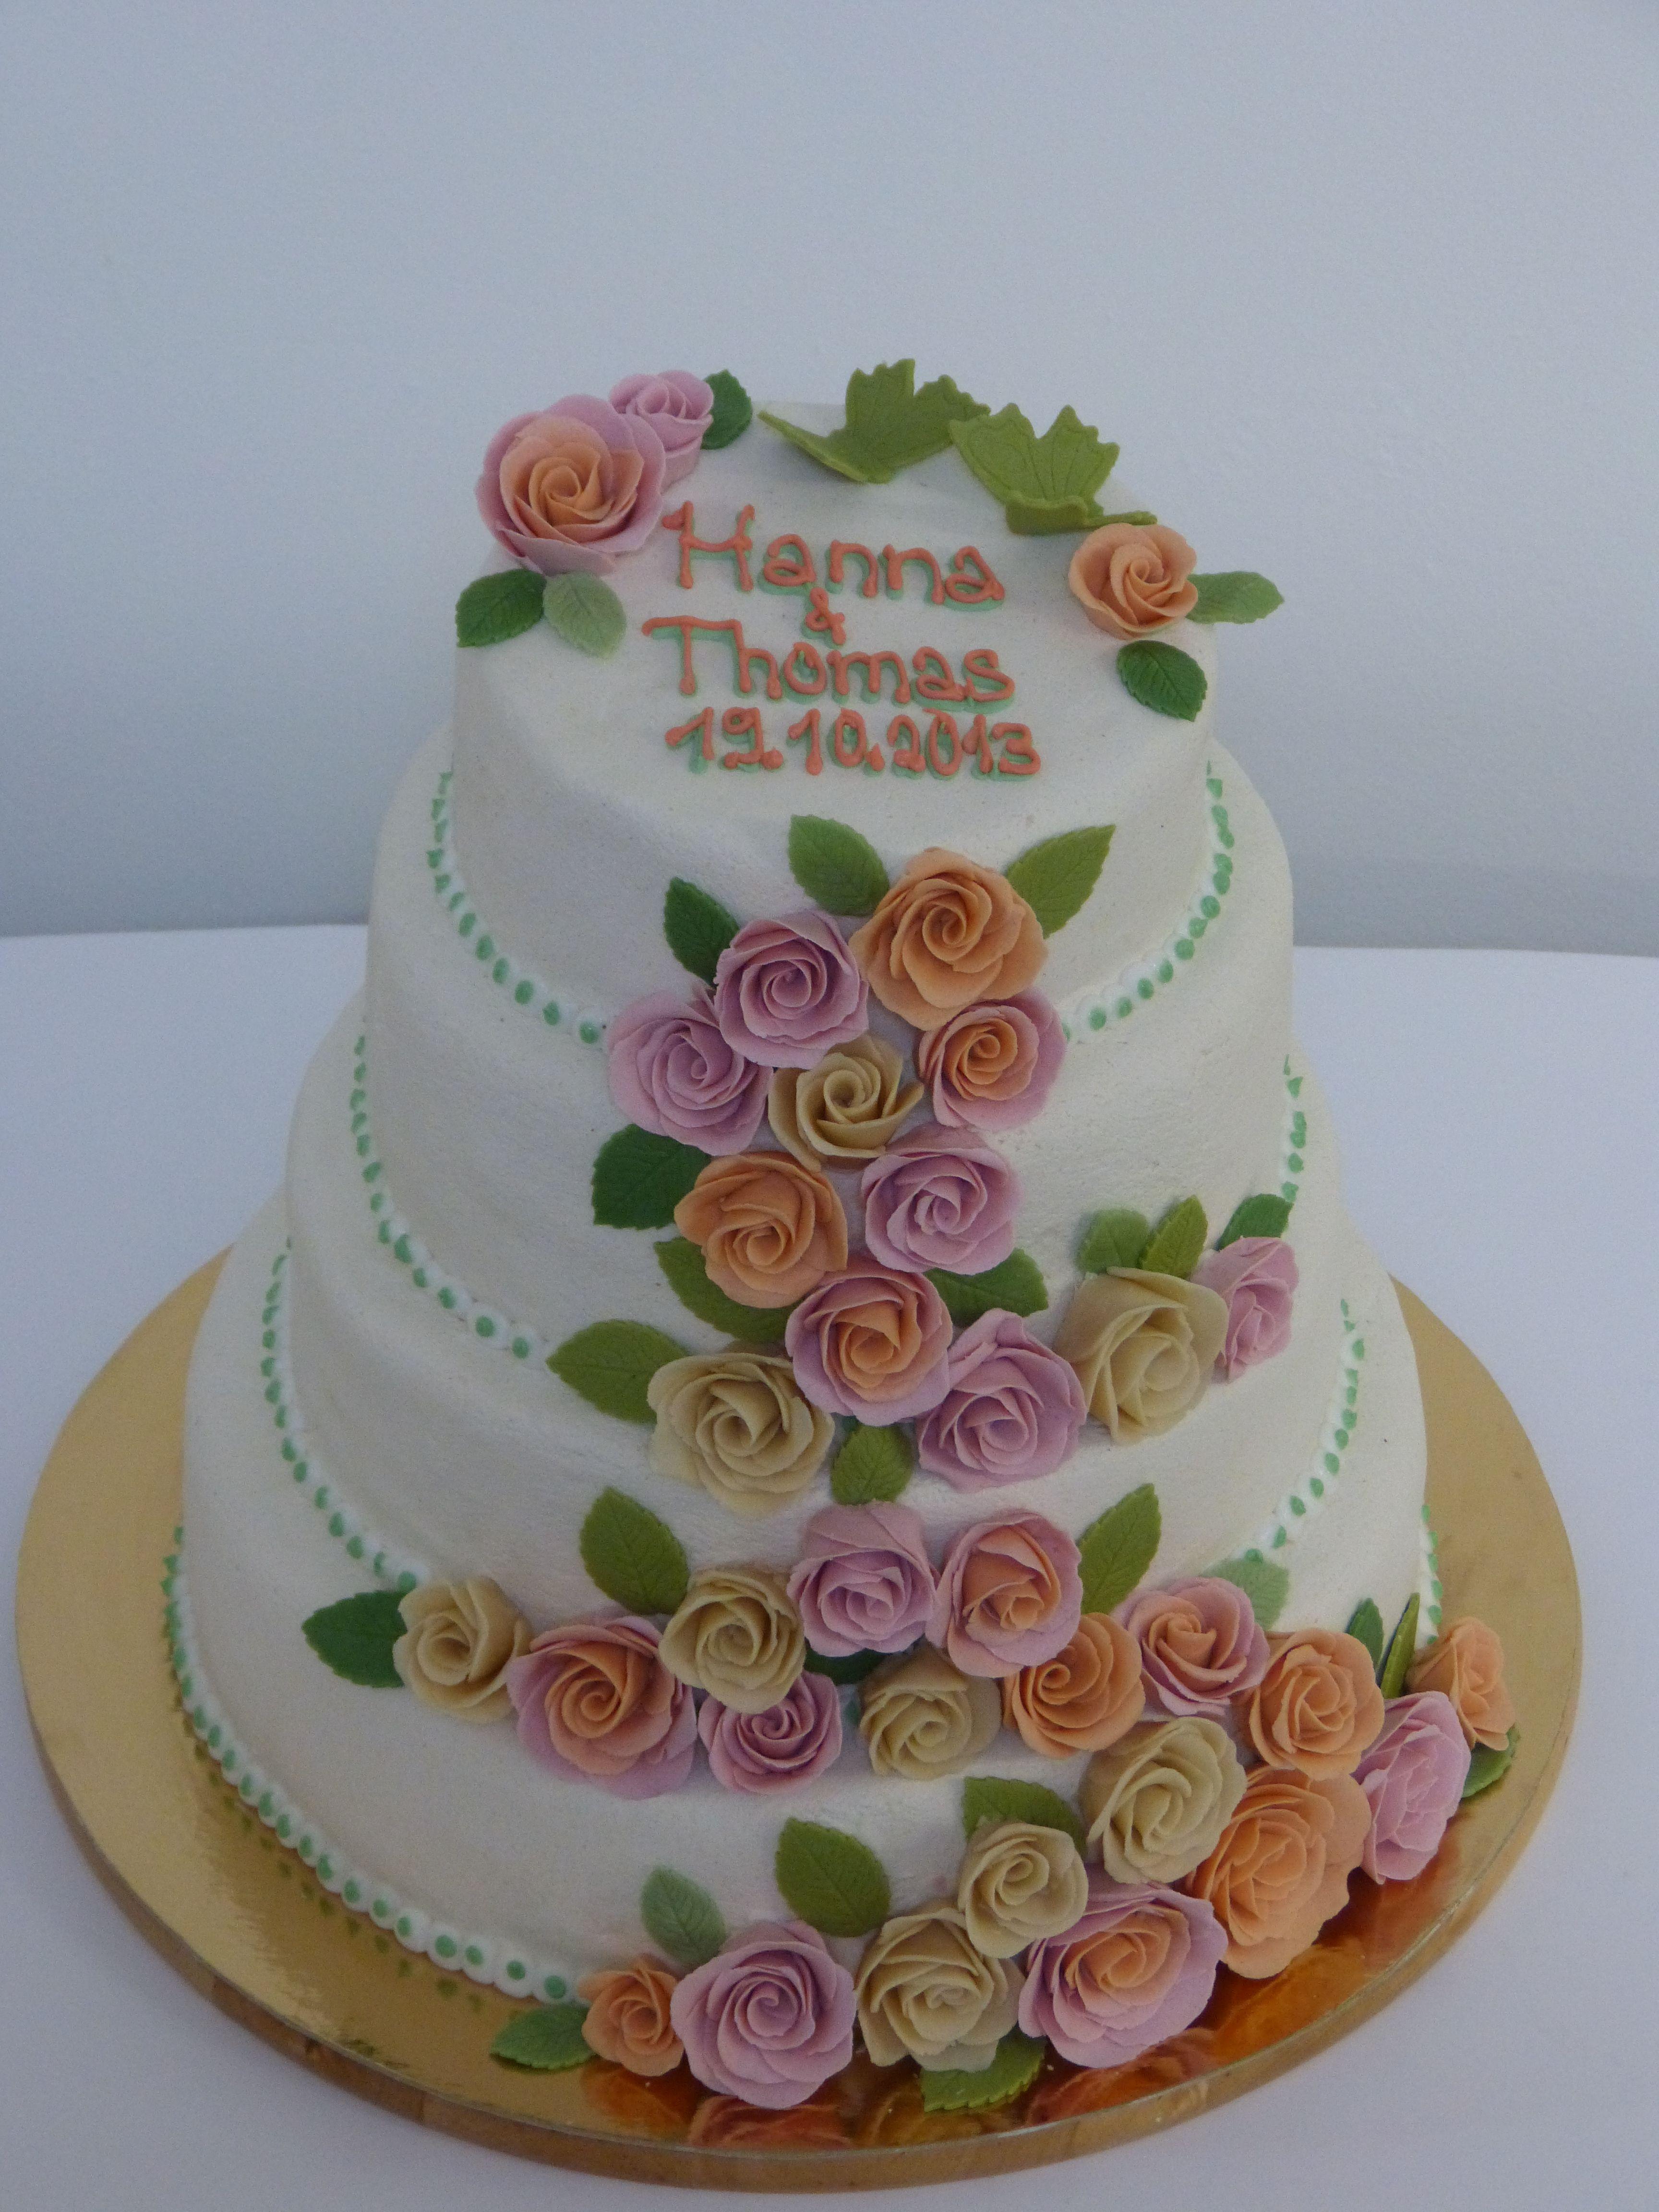 Hochzeitstorte Konz Trier Cake Cube Marzipanrosen Niedermennig